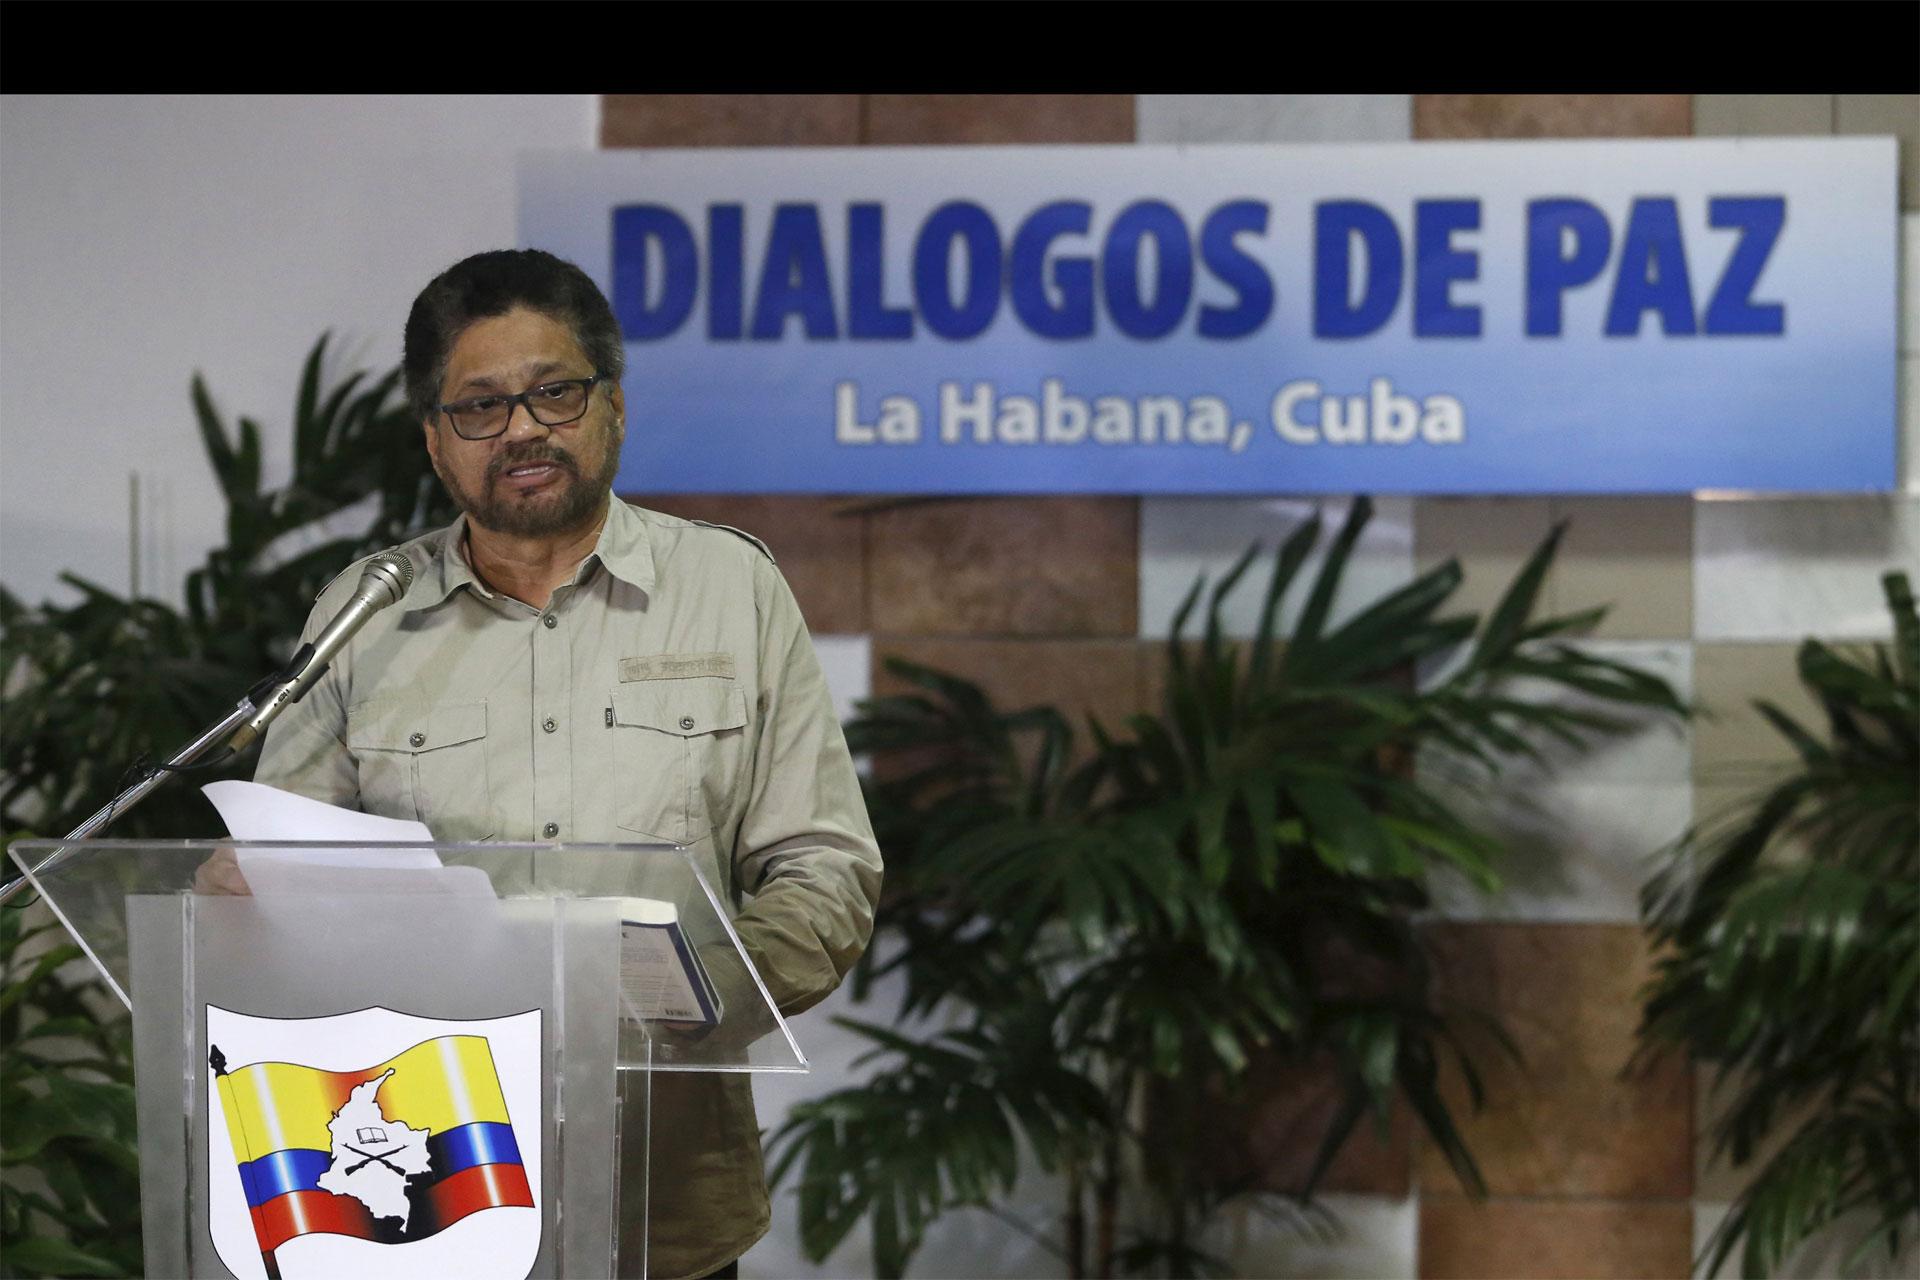 Iván Márquez aseguró que están poniendo todo su empeño para llegar a un acuerdo con el Gobierno de Colombia